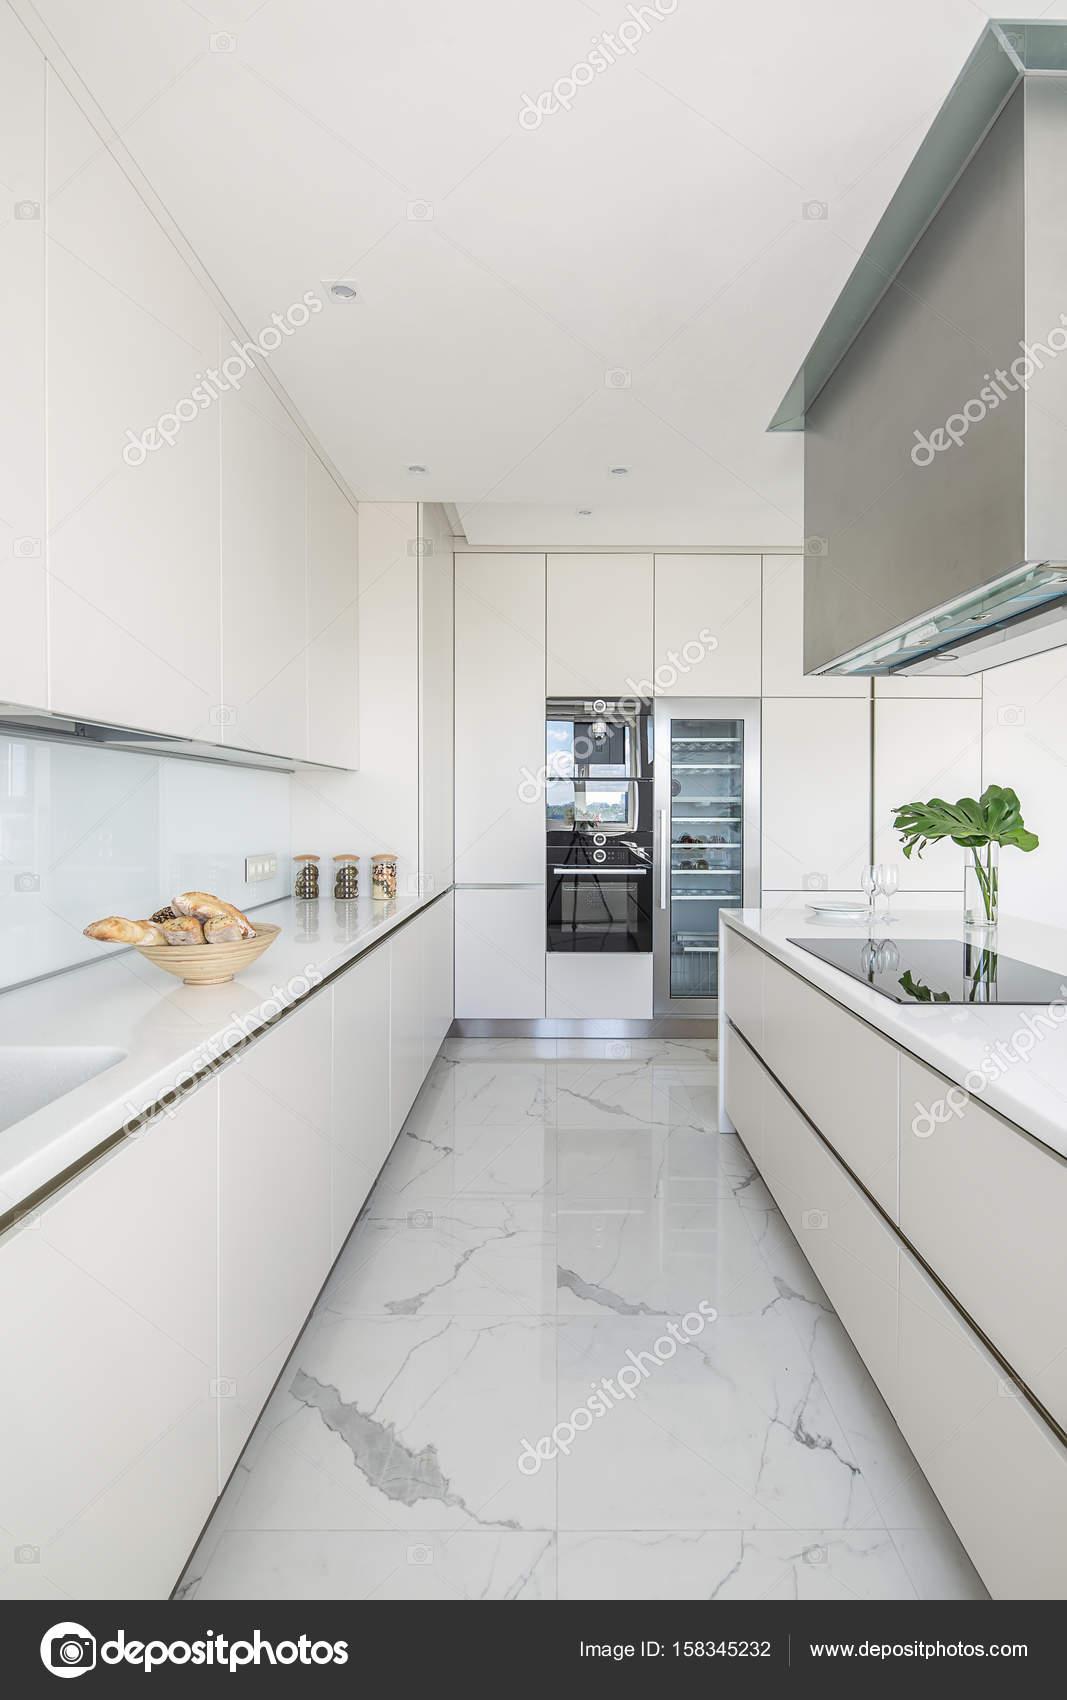 Cozinha Em Estilo Moderno Stock Photo Bezikus 158345232